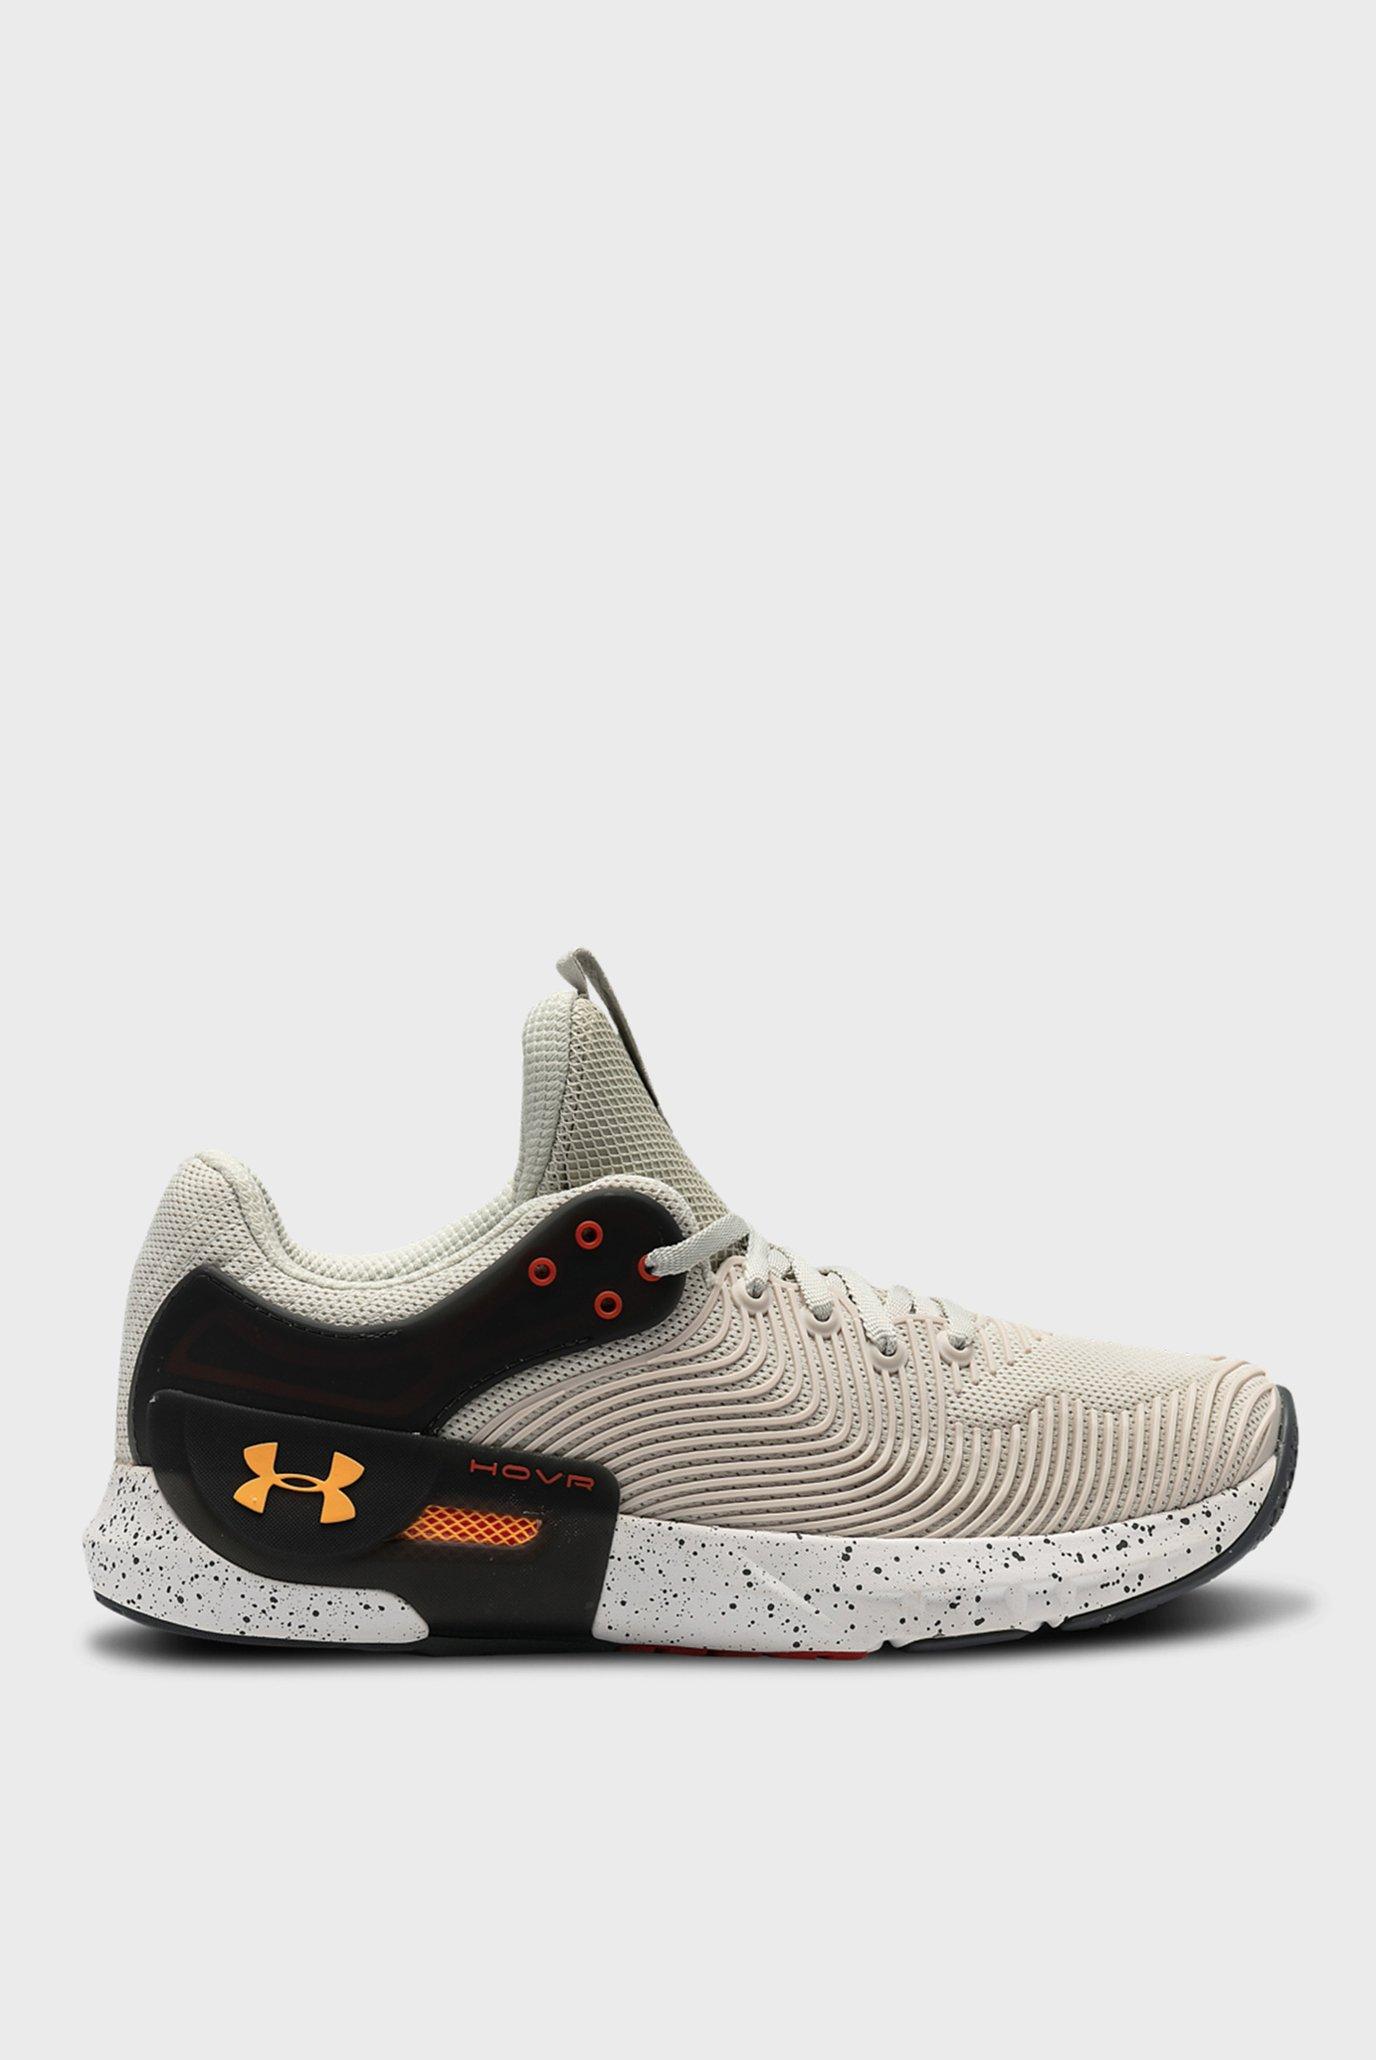 Чоловічі бежеві кросівки HOVR Apex 2 1